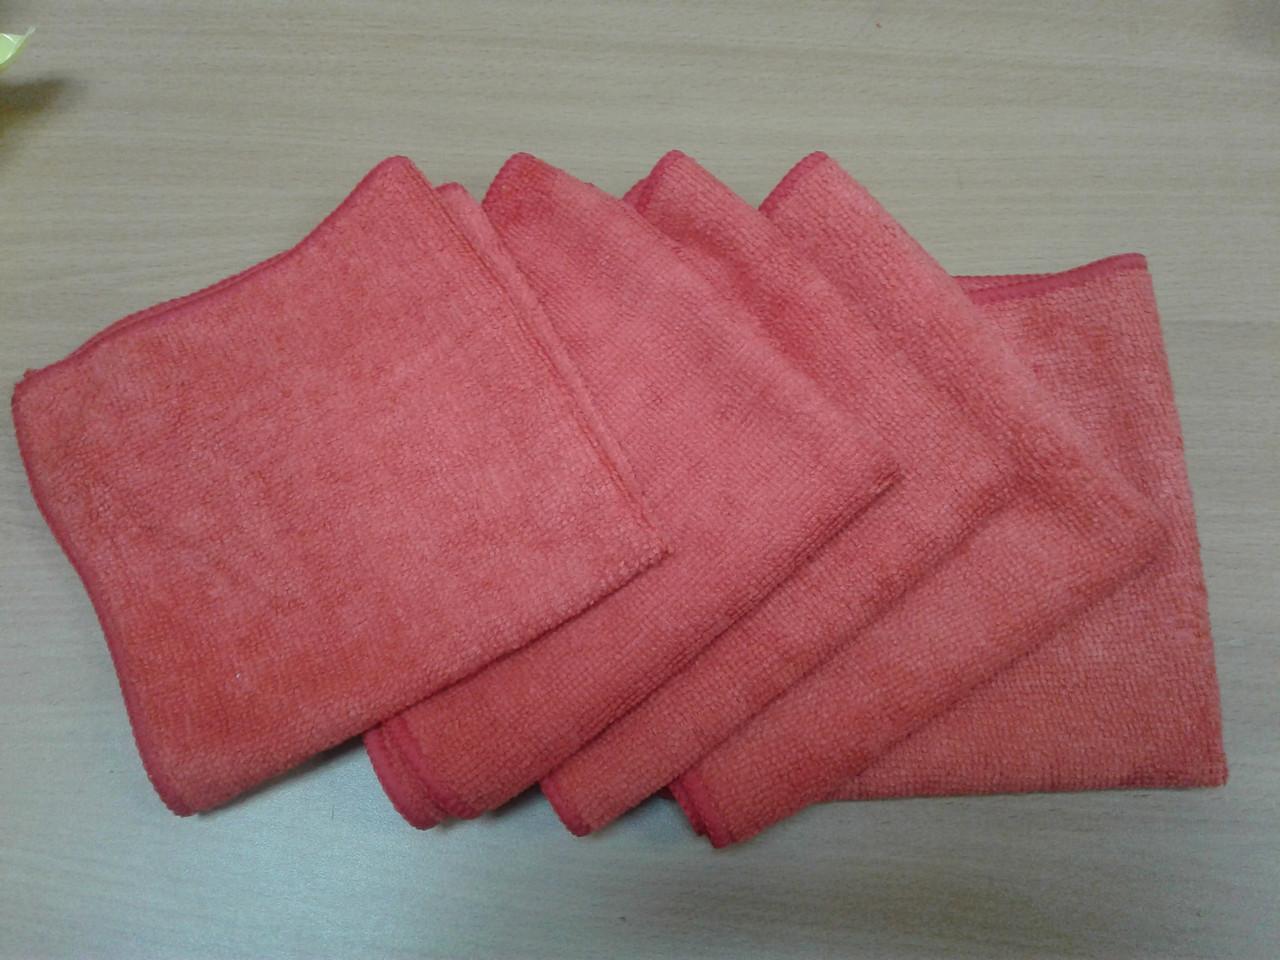 Салфетки из микрофибры — виды и полезные свойства, правила выбора и уборки